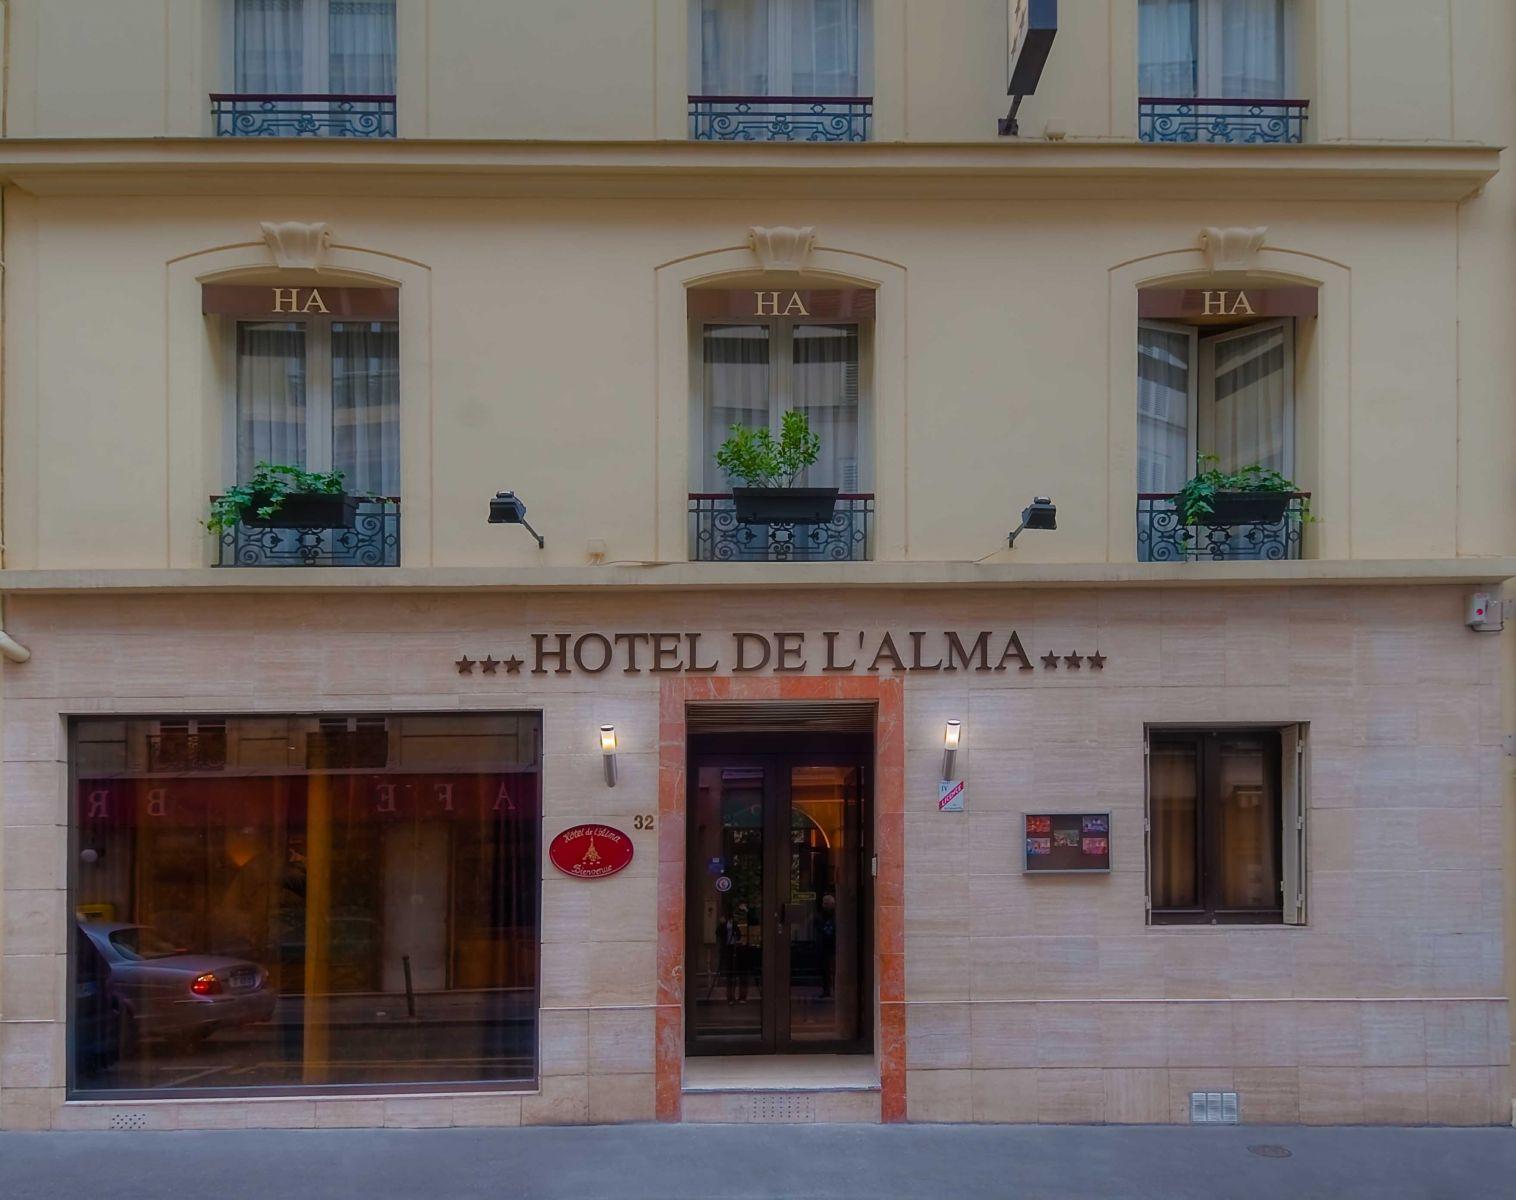 Hôtel de l'Alma - Hotel